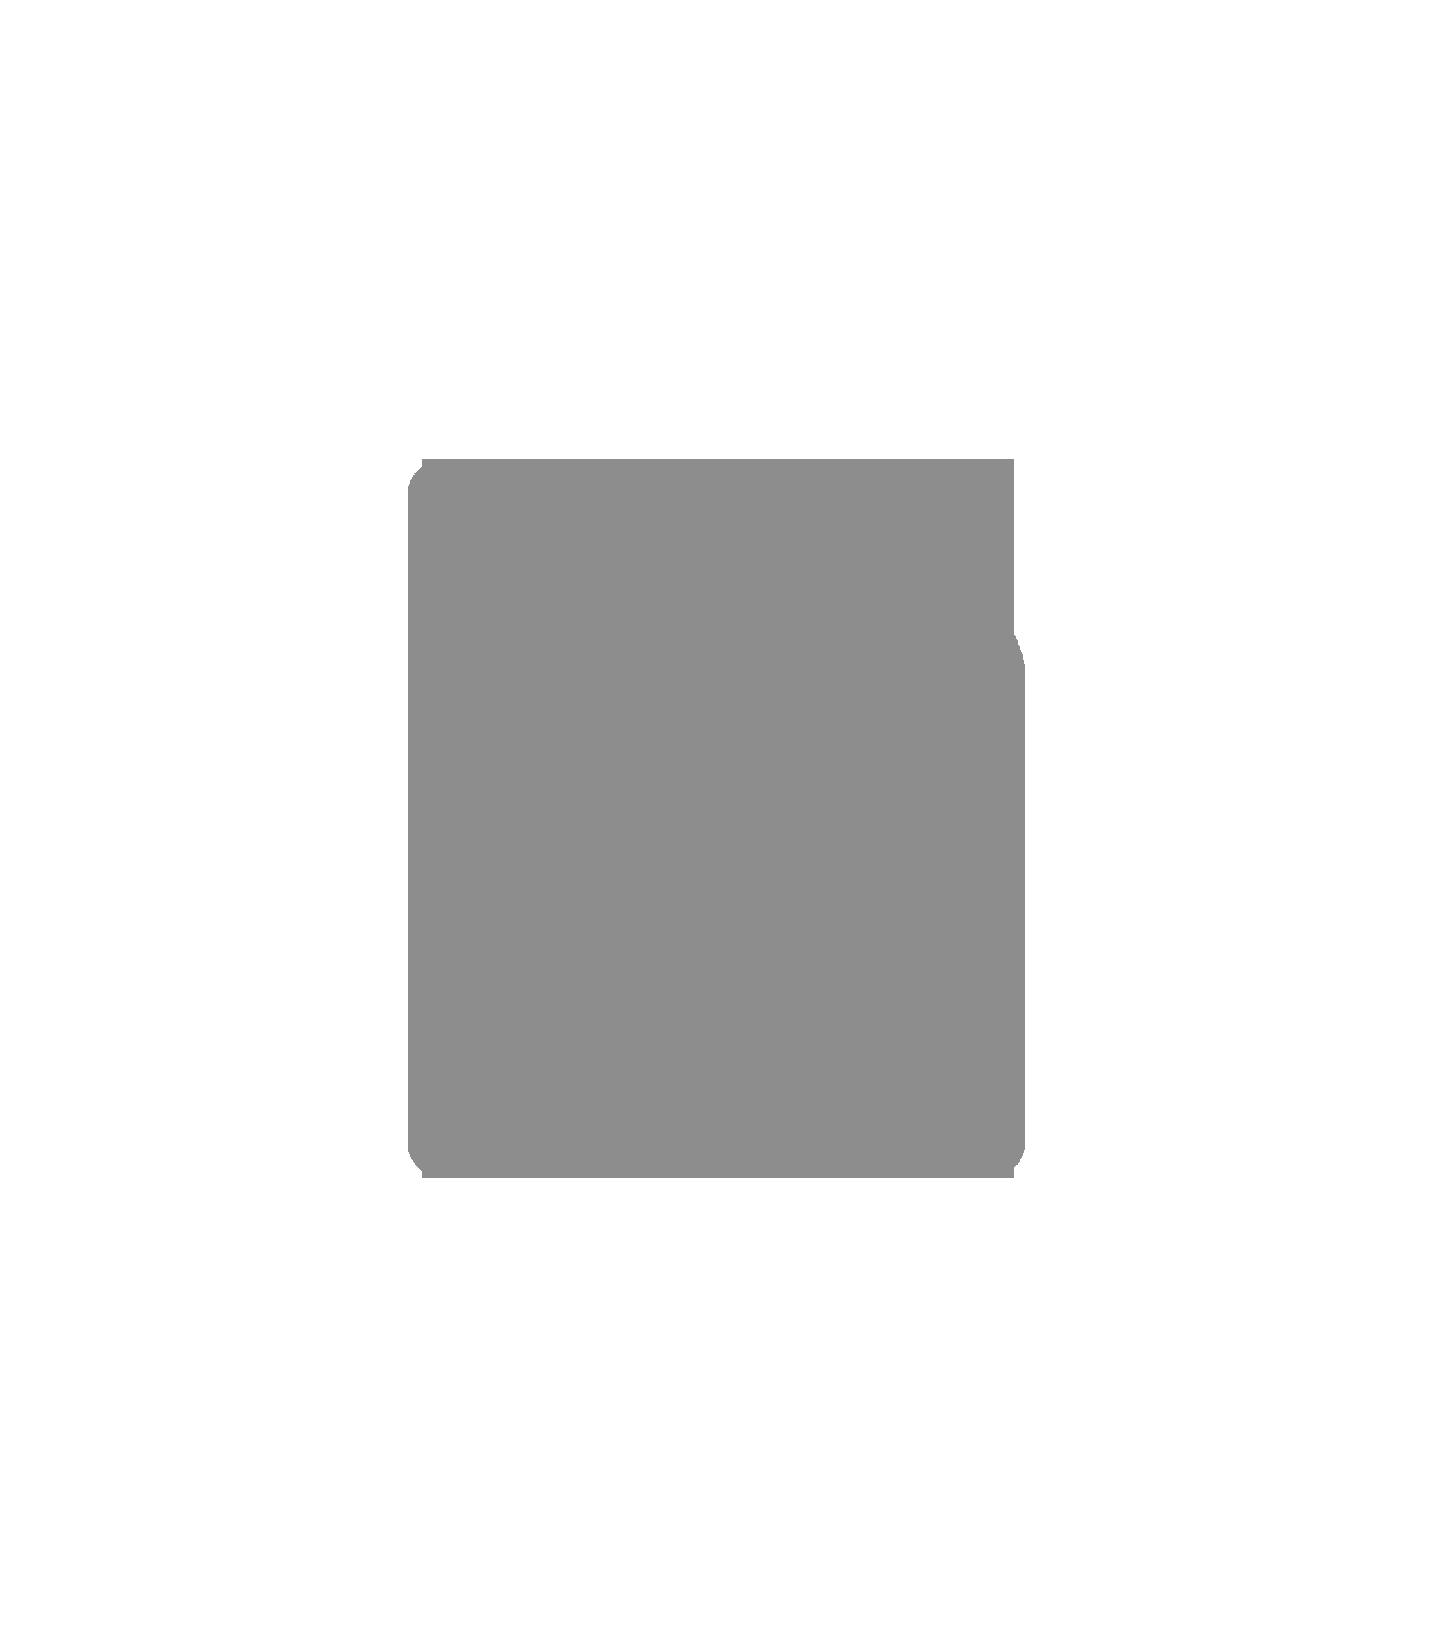 1er souterrain Haus auf sechs Pfeilern de Bearth & Deplazes Architekten AG<br>Valentin Bearth – Andrea Deplazes – Daniel Ladner